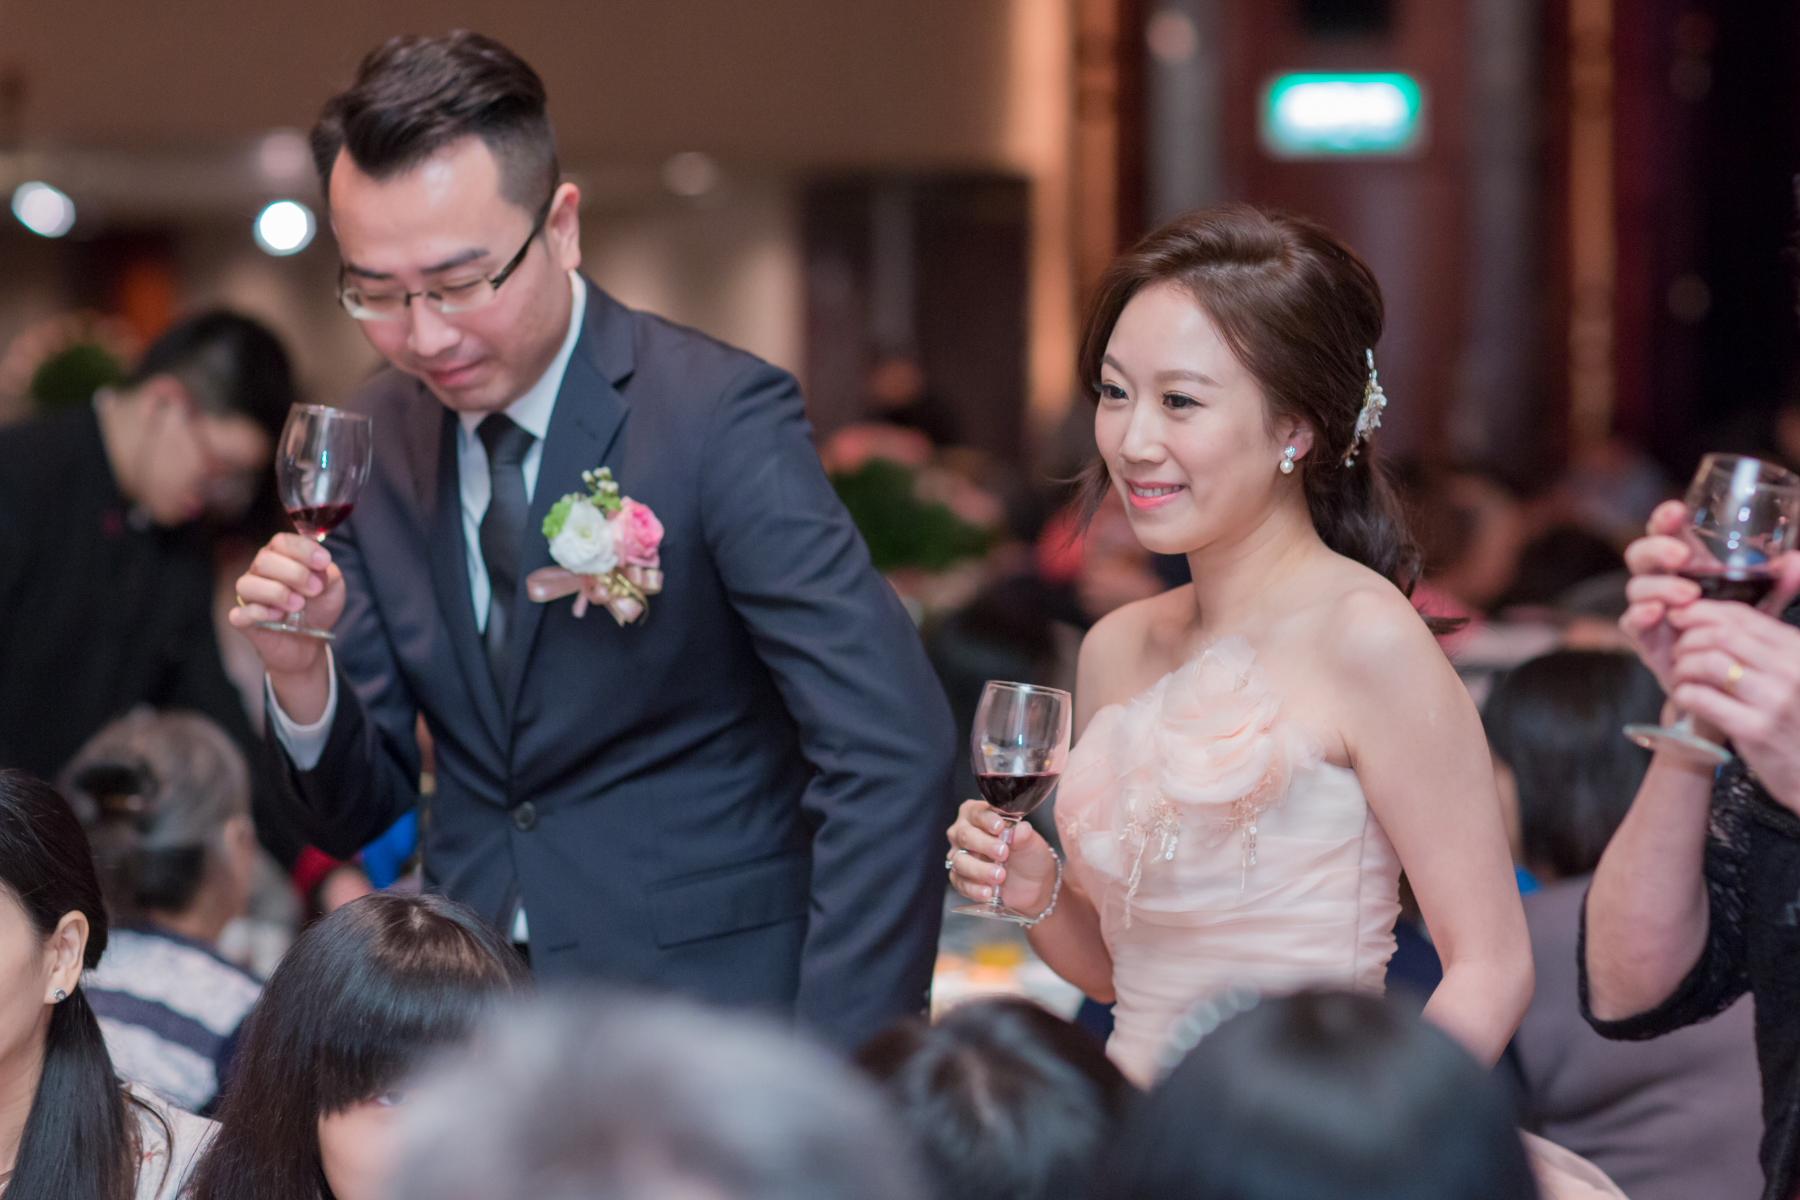 鴻璿鈺婷婚禮814